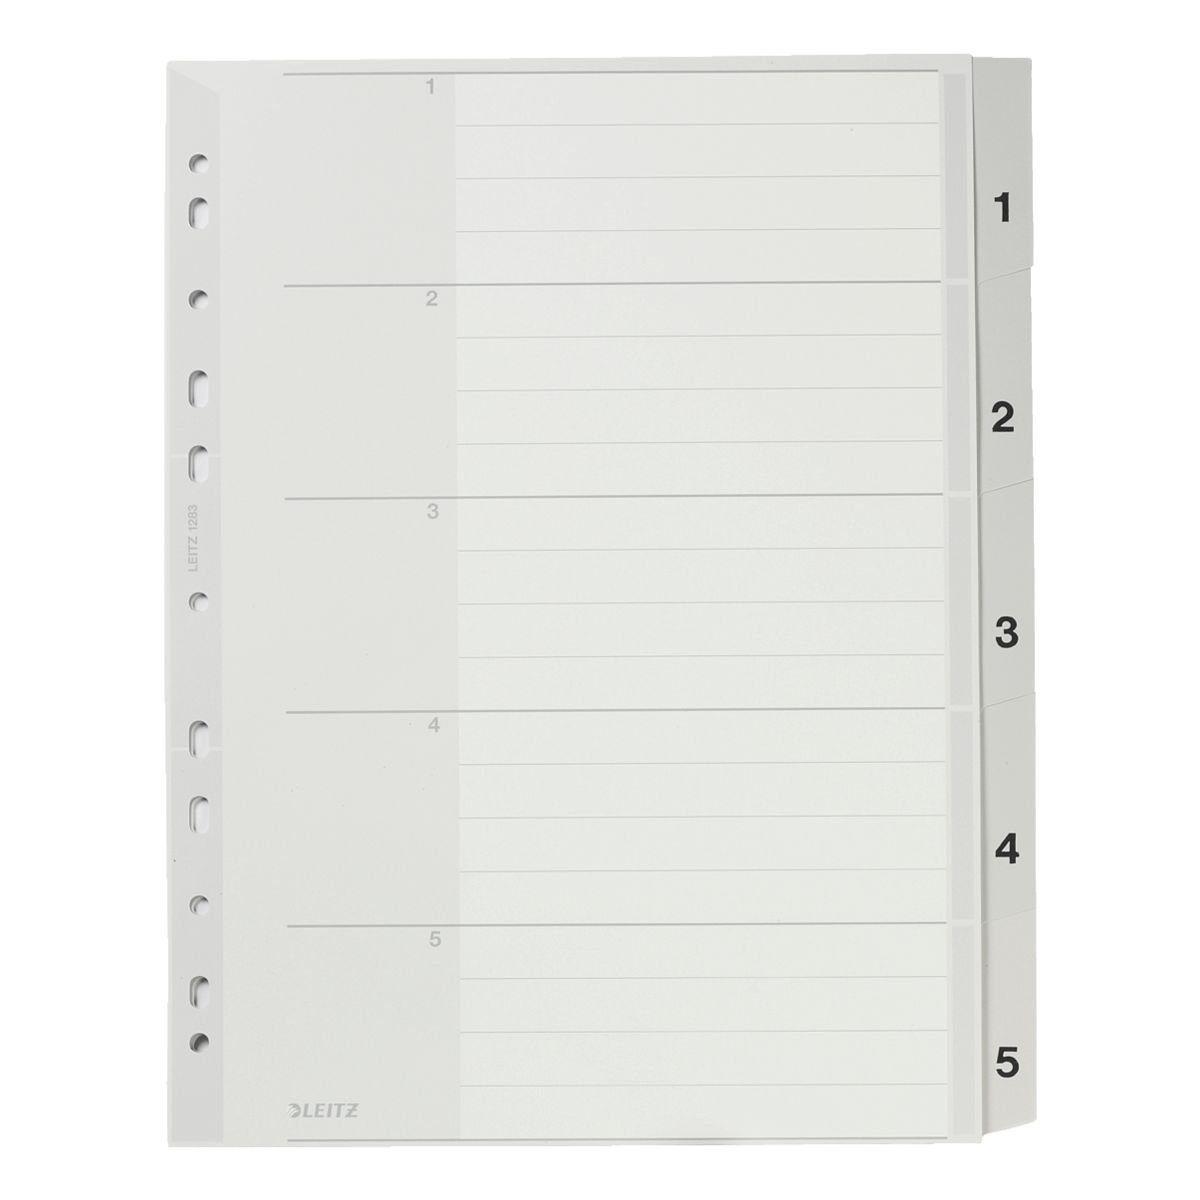 Leitz Kunststoffregister 1-5 A4 Maxi »1283«